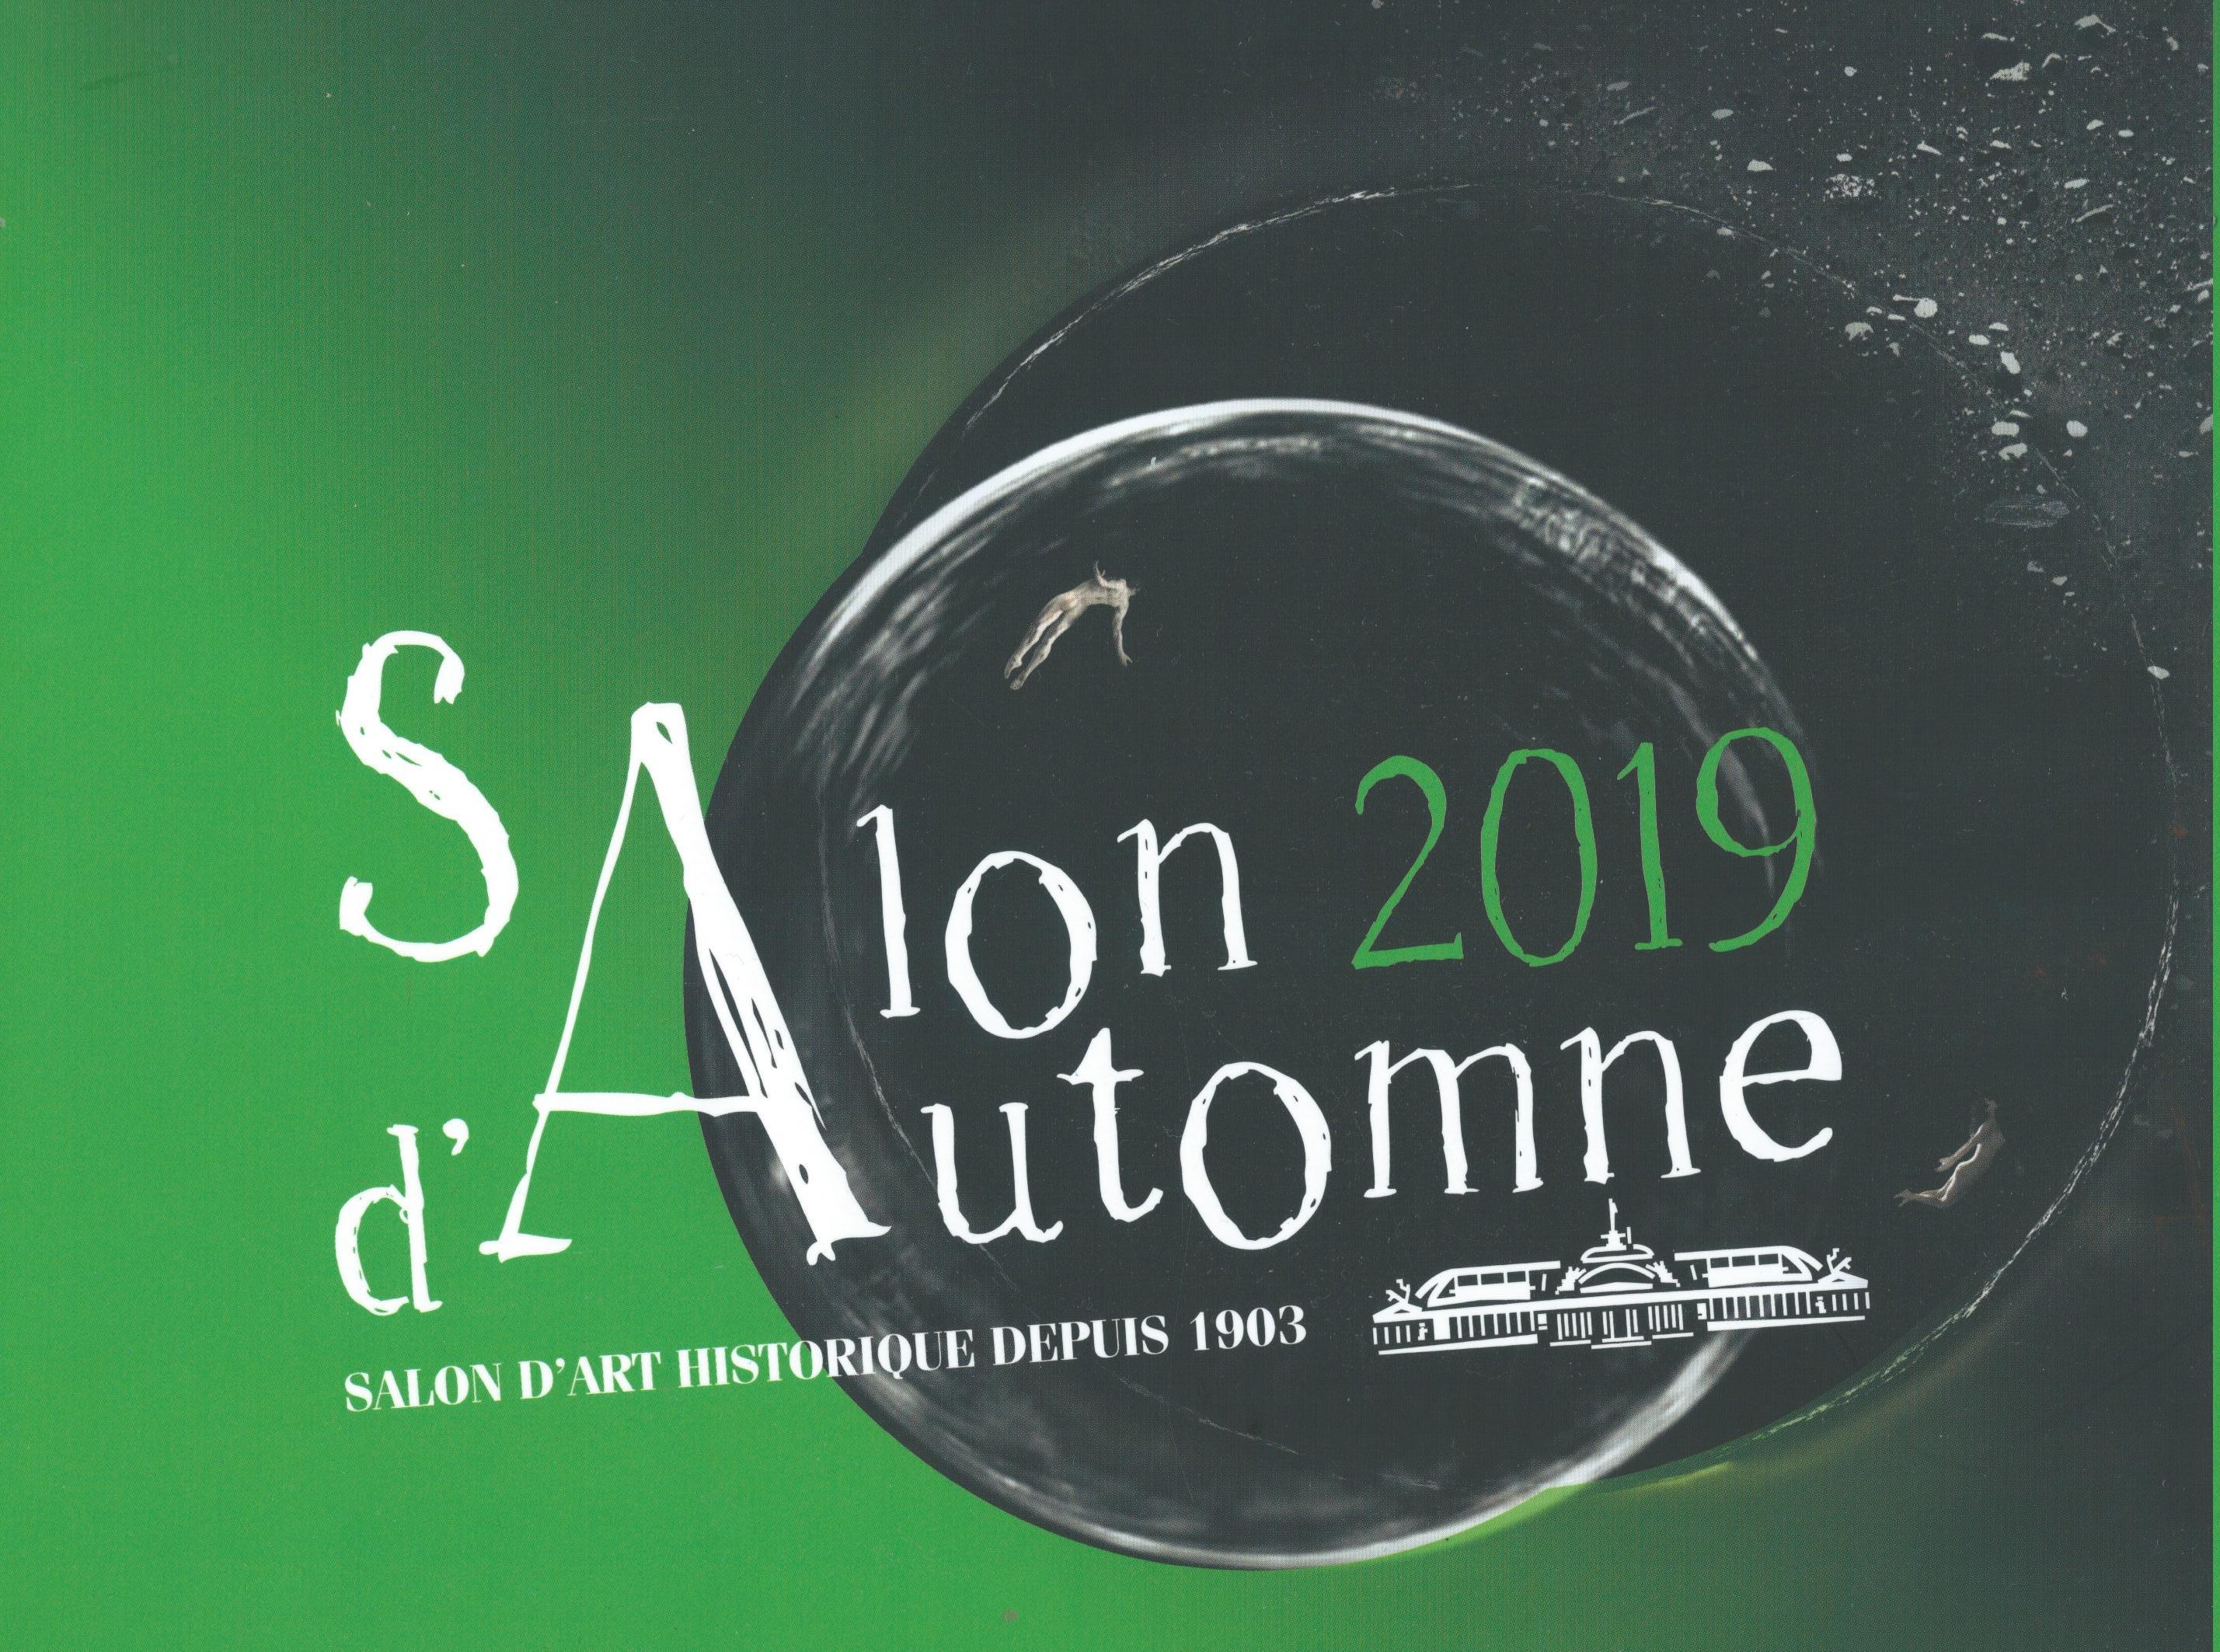 Affiche du Salon d'automne 2019